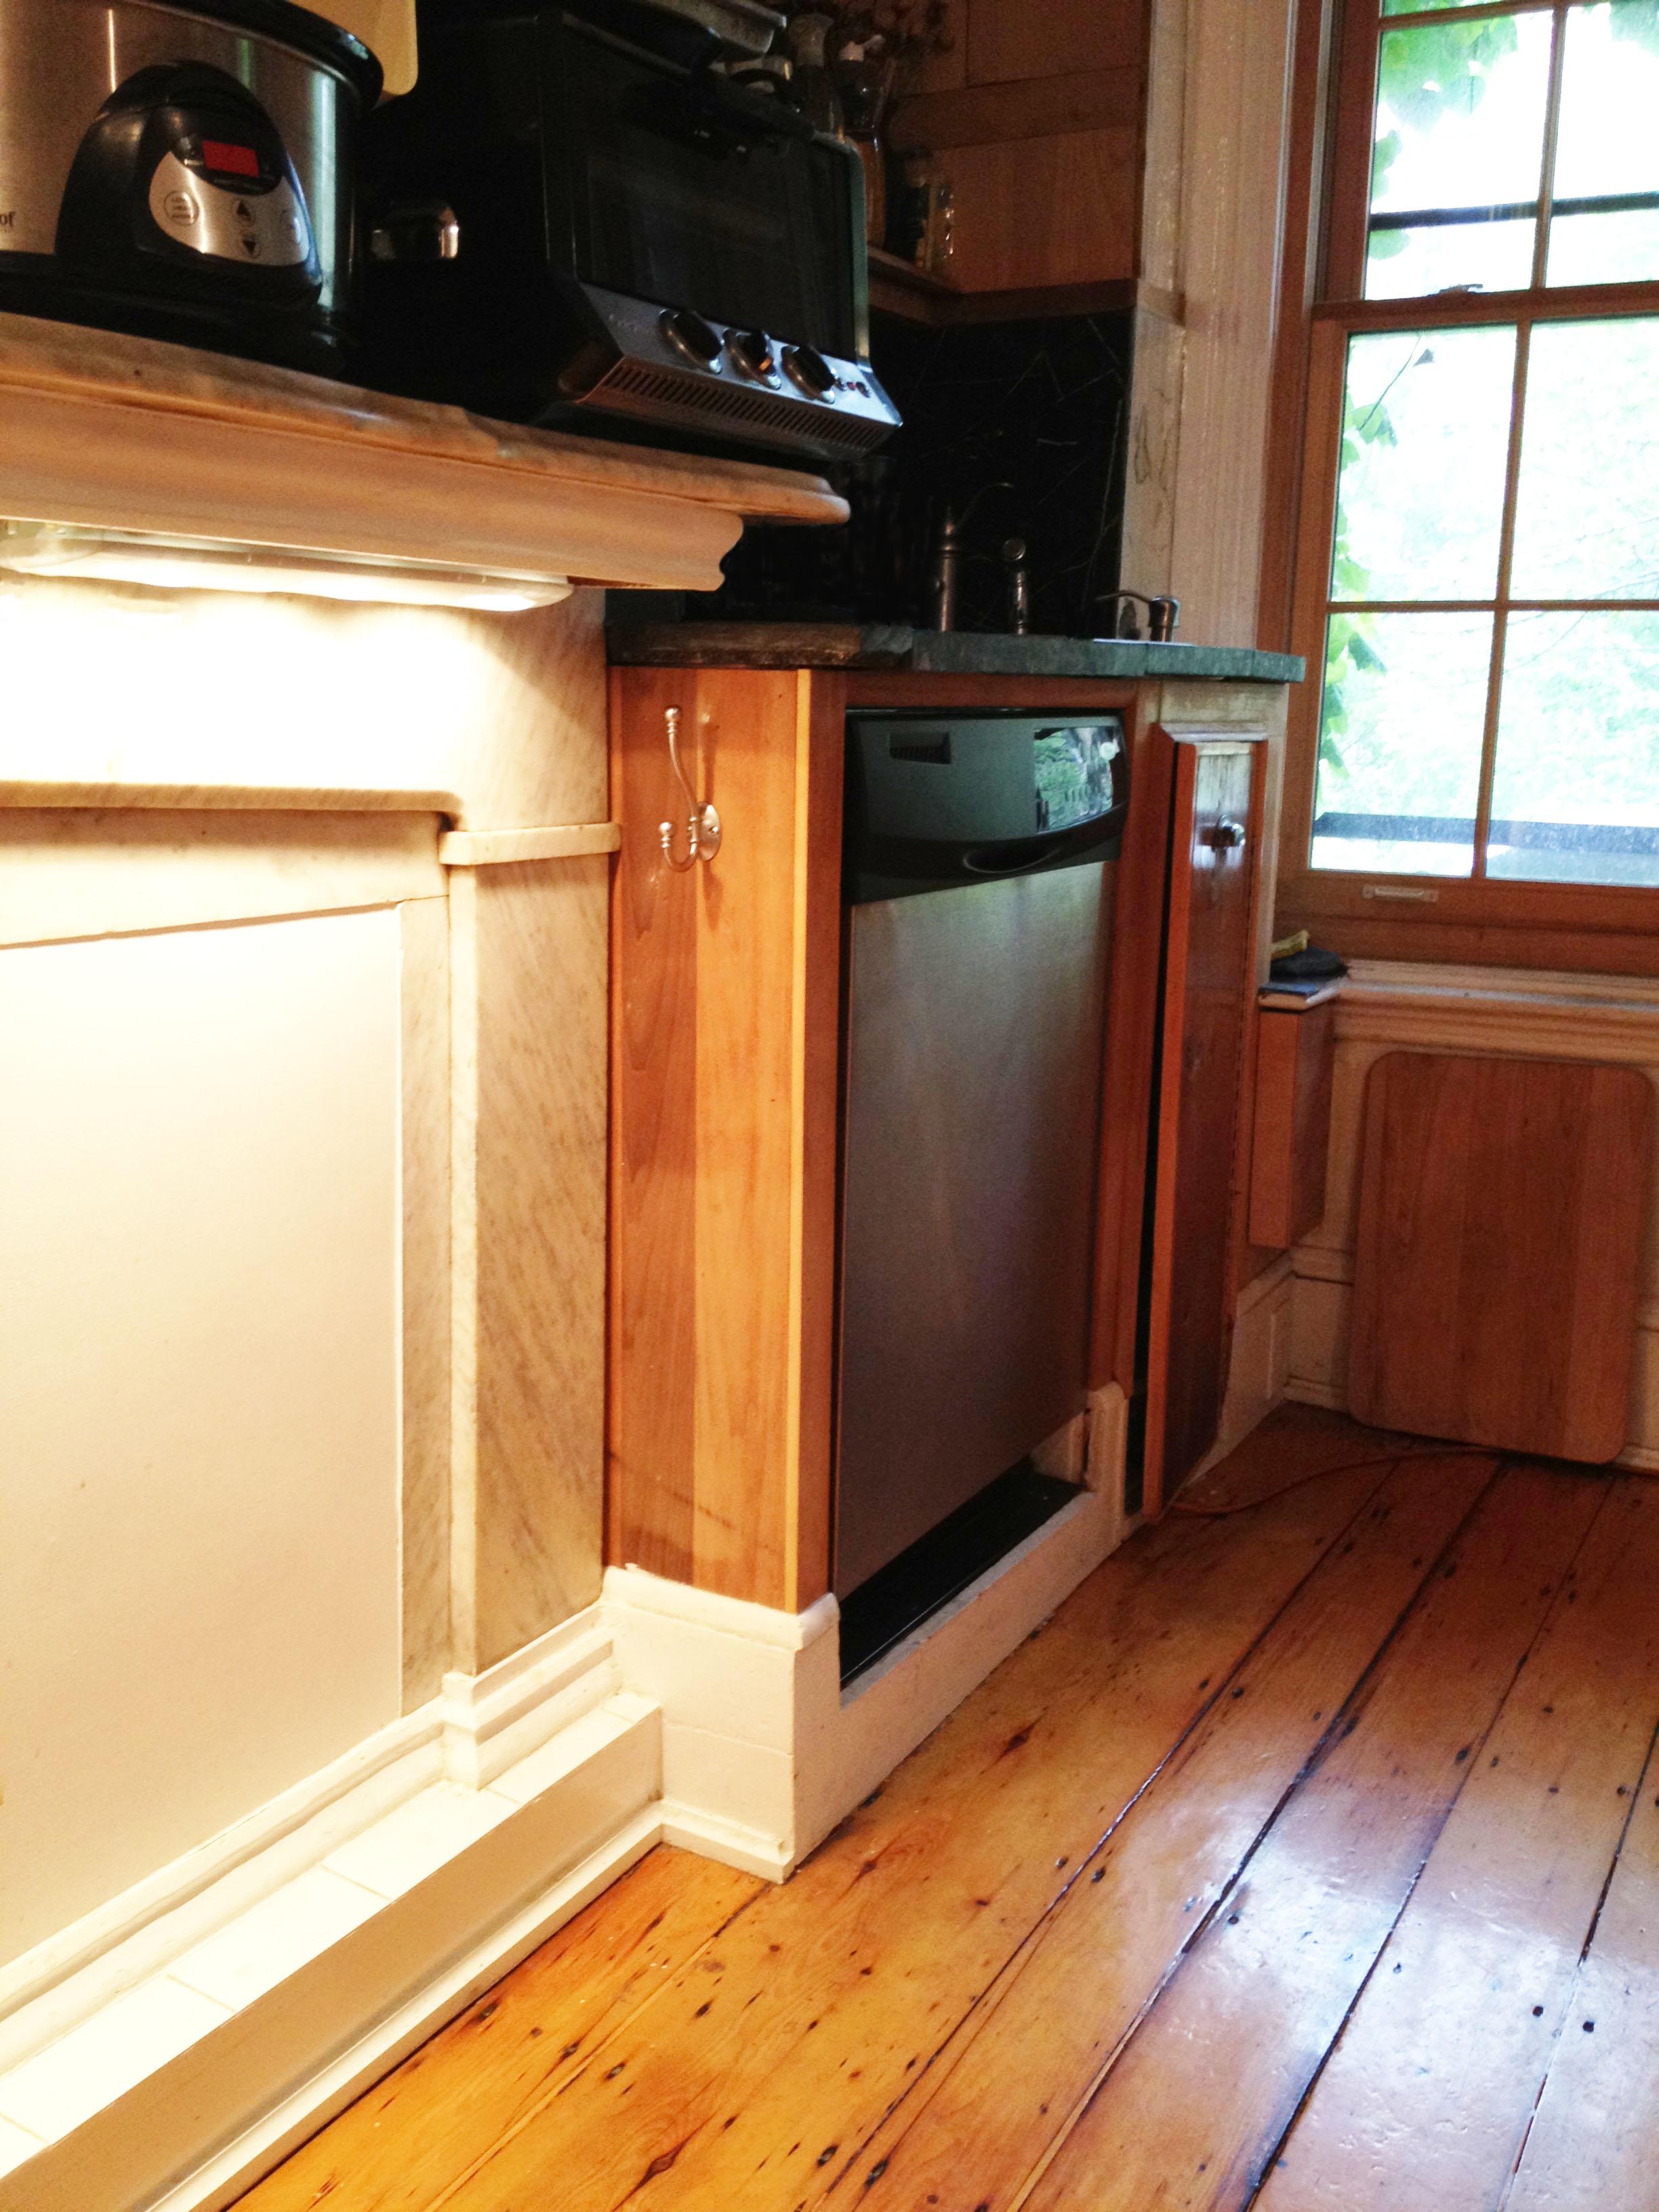 Steve kitchen 2.jpg